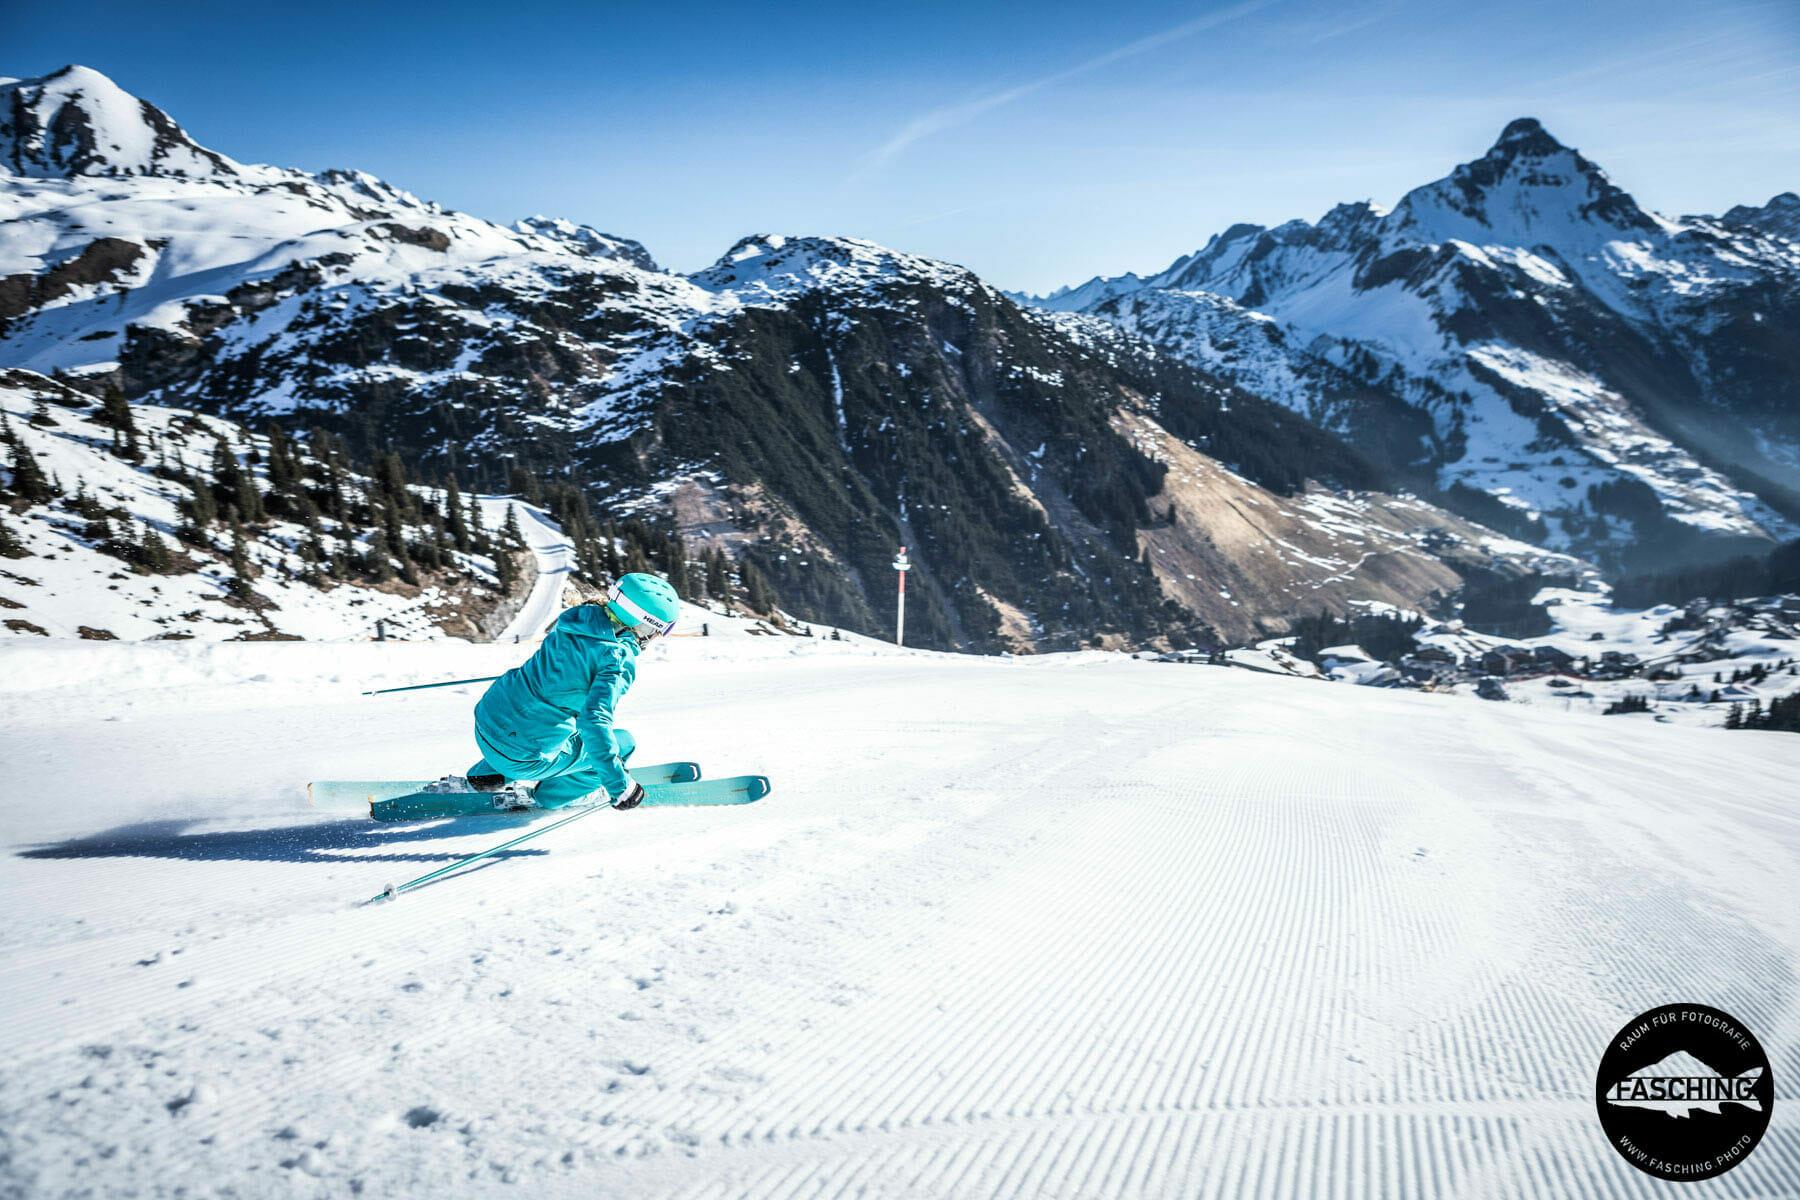 Imagebilder der Winterprodukte von Head fotografierte unser Team Fasching im vorarlberger Skigebiet in Warth Schröcken